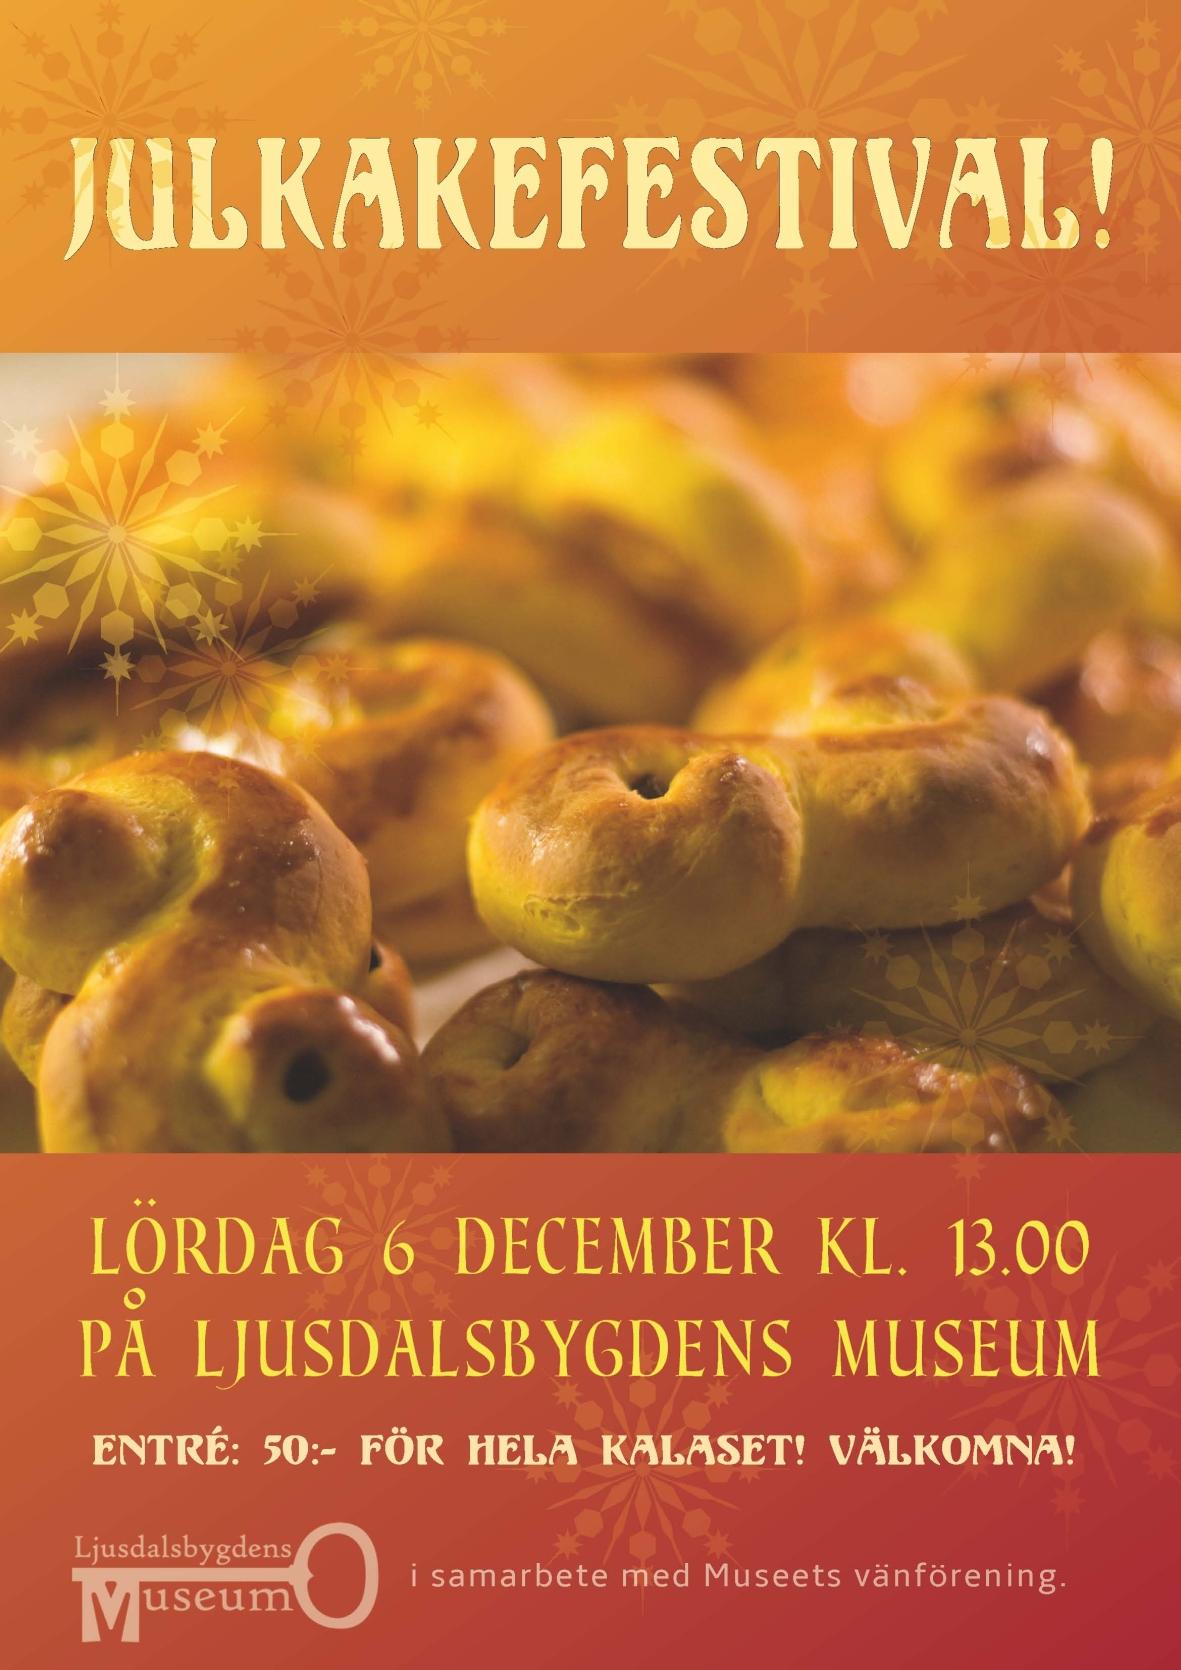 Julkakefestival på museet lördag 6 december kl 13!